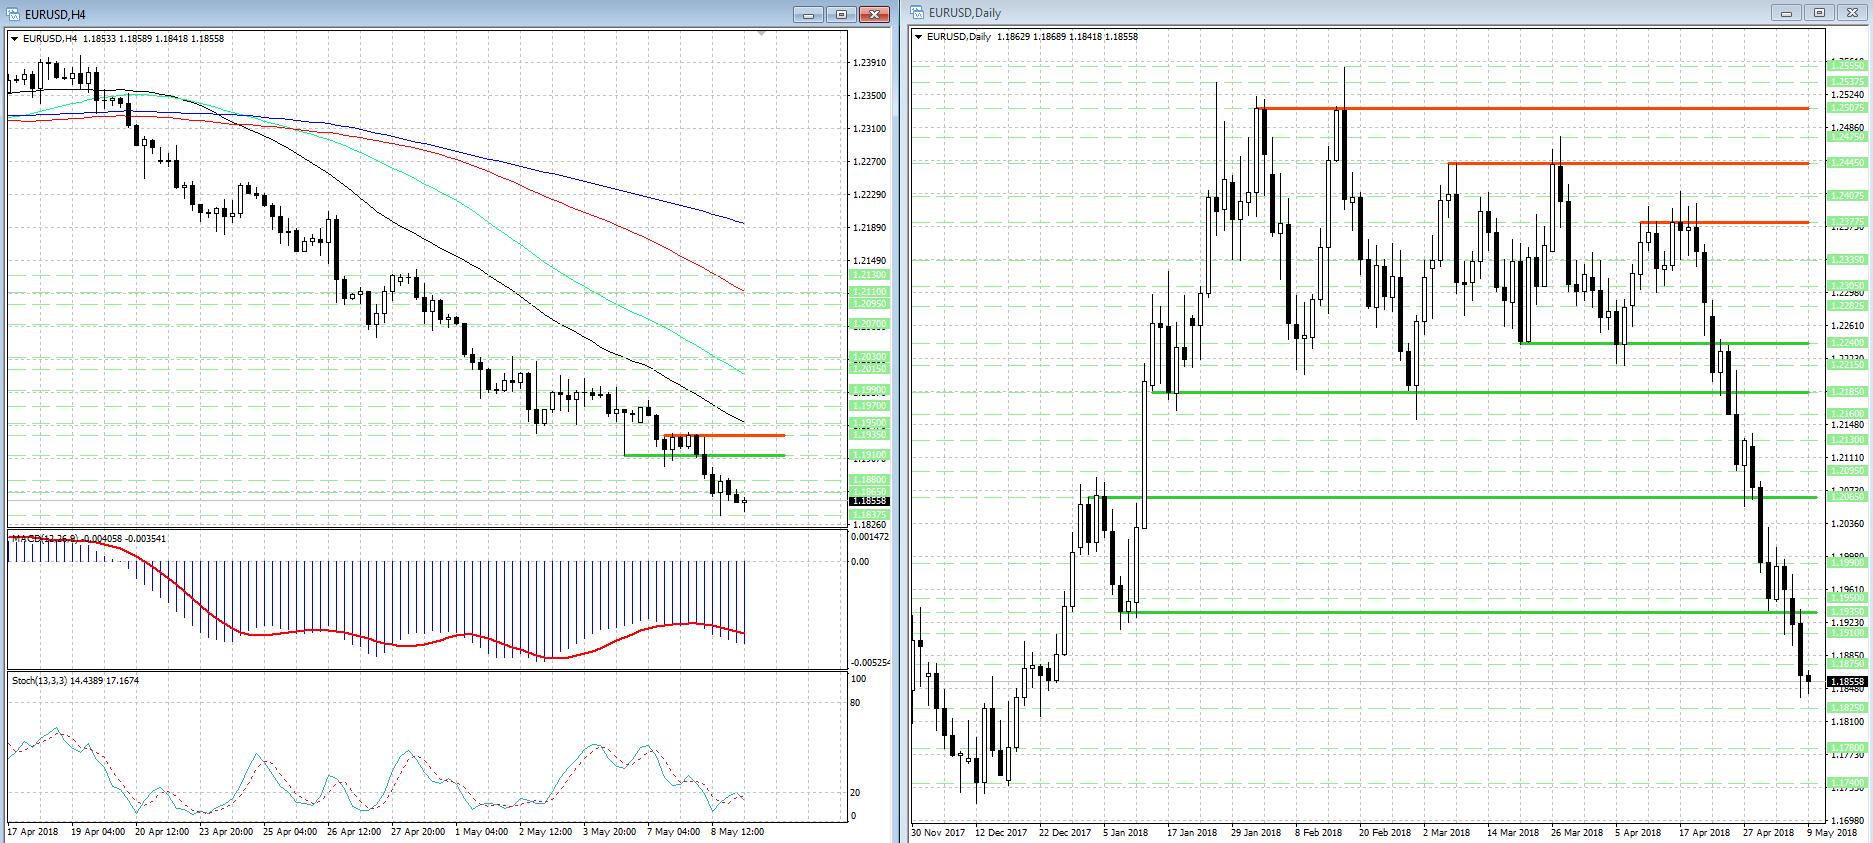 Снижение EUR/USD замедлилось, но о реванше быков говорить рано...